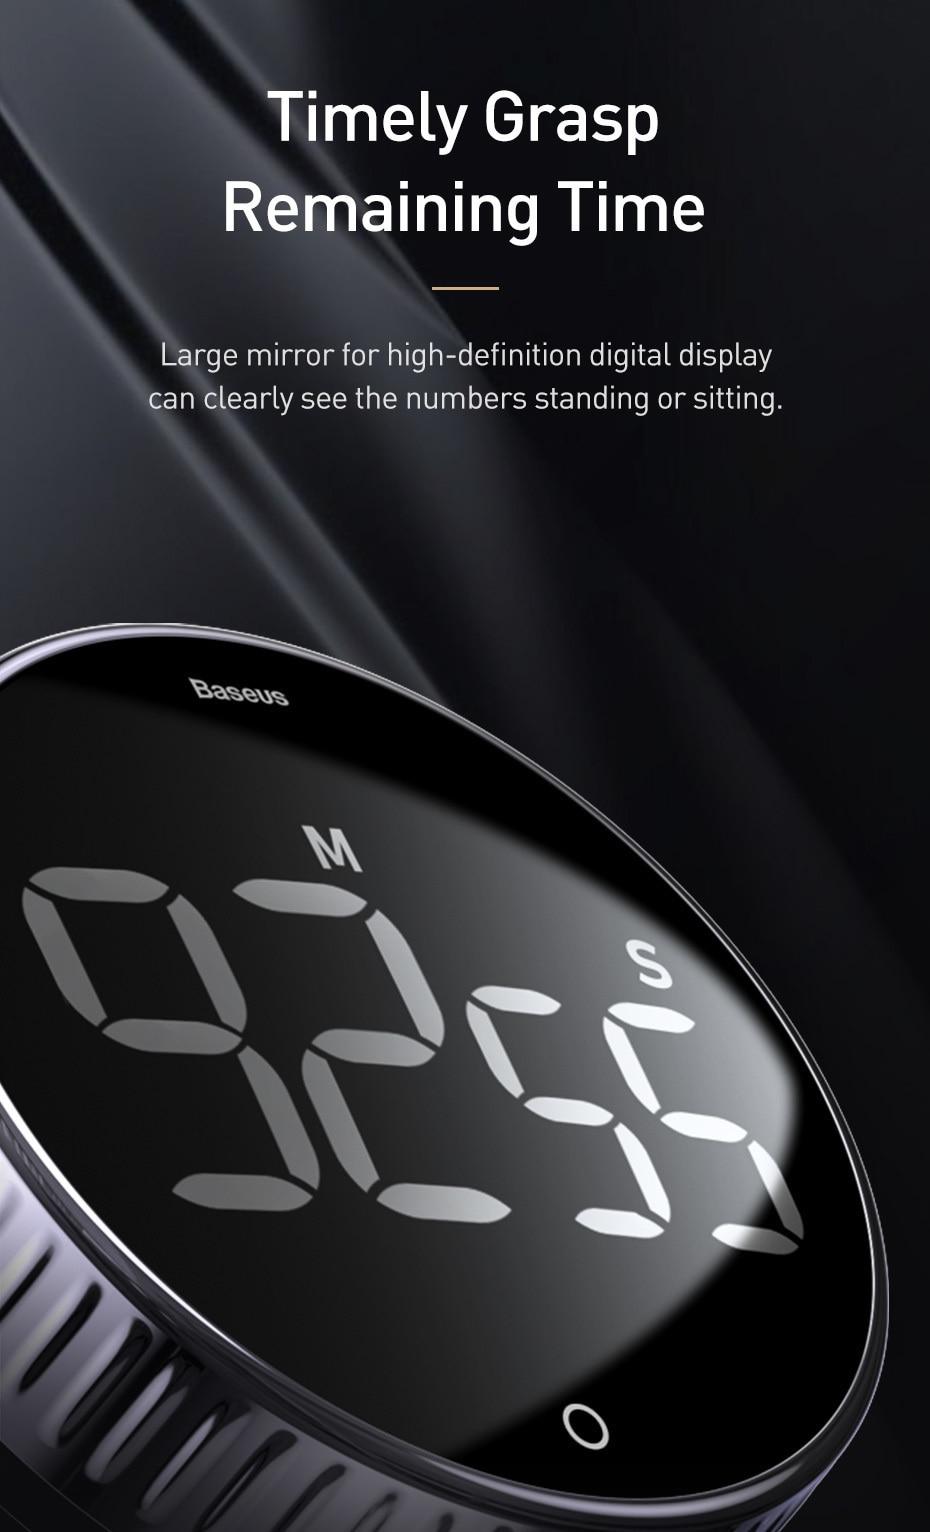 Baseus LED Digital Kitchen Timer For Cooking 6